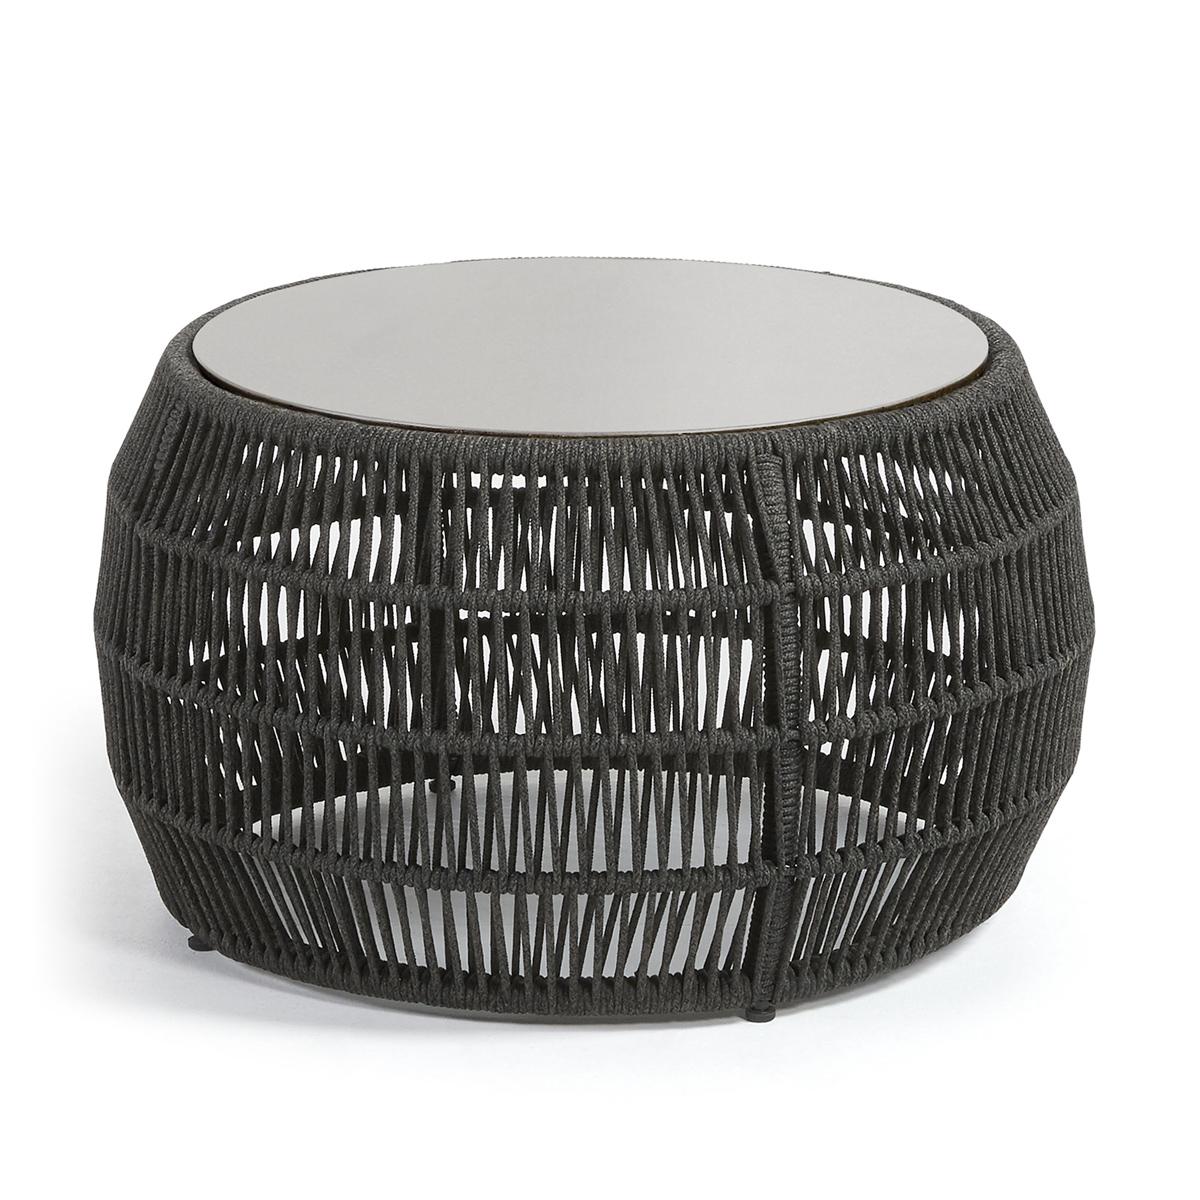 Table d'appoint ronde en corde - Noir - Ø 70 cm x H 40 cm